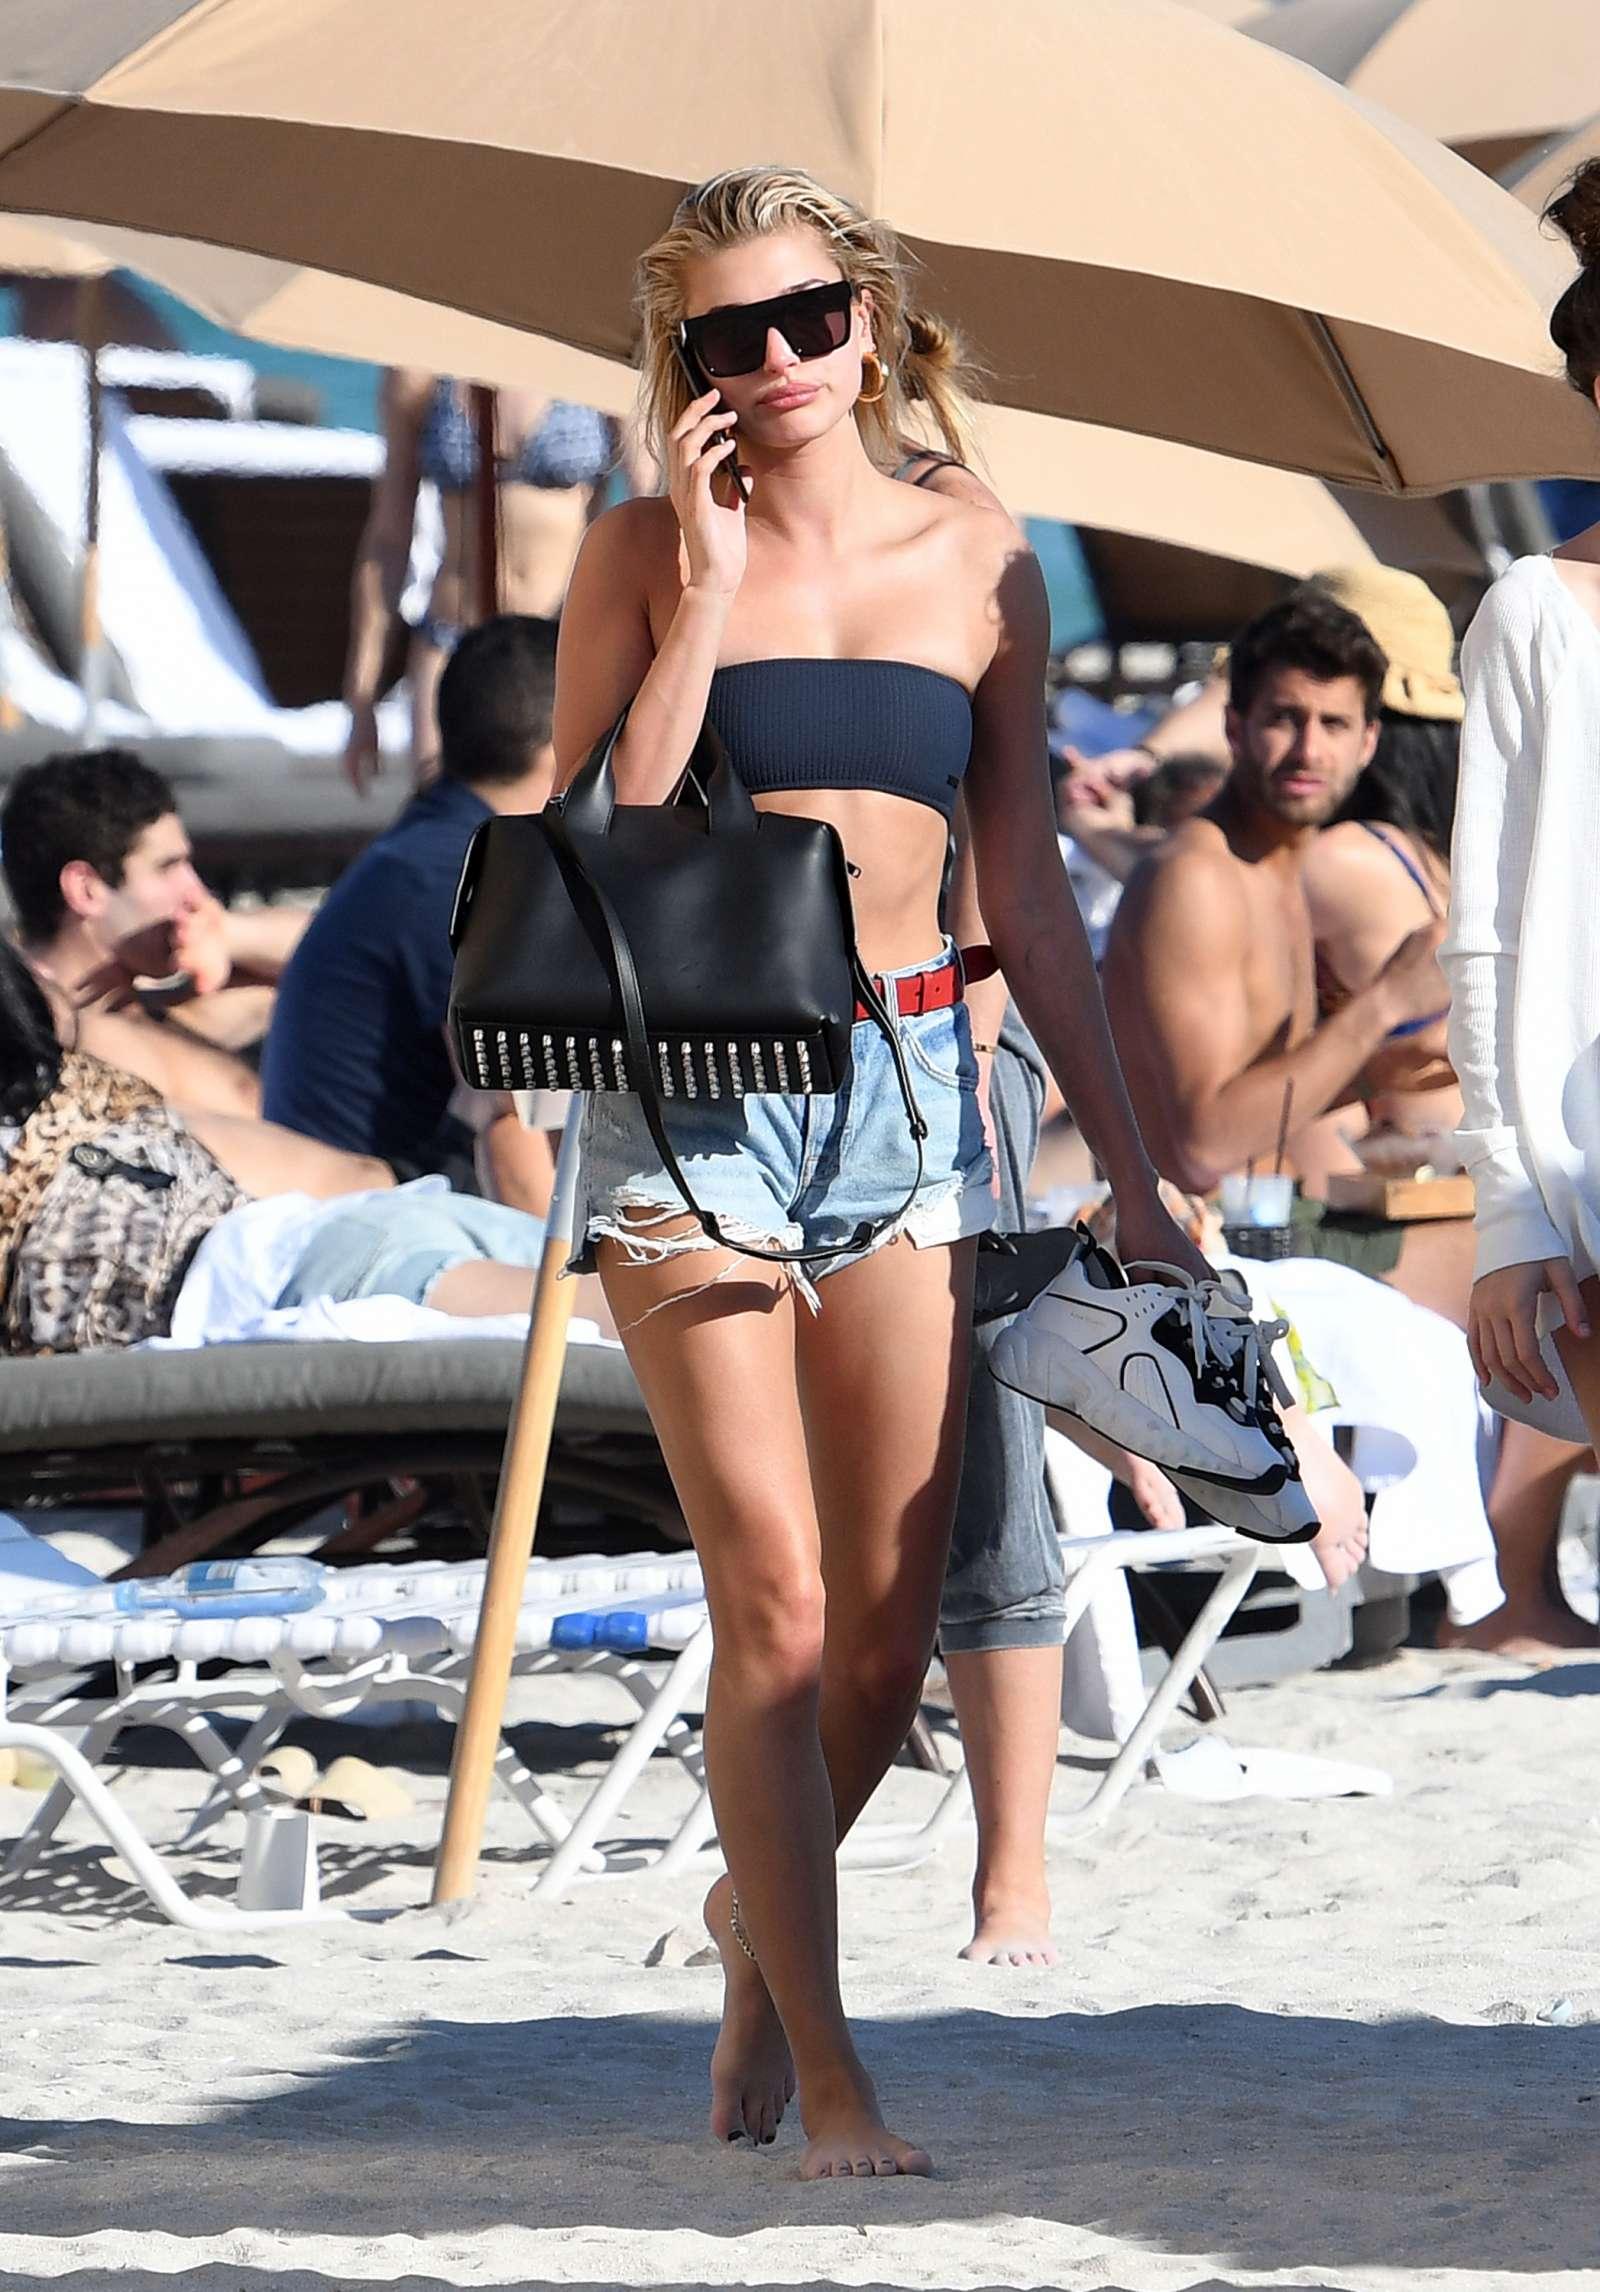 Hailey Baldwin in Black Bikini Top on the beach in Miami Pic 17 of 35